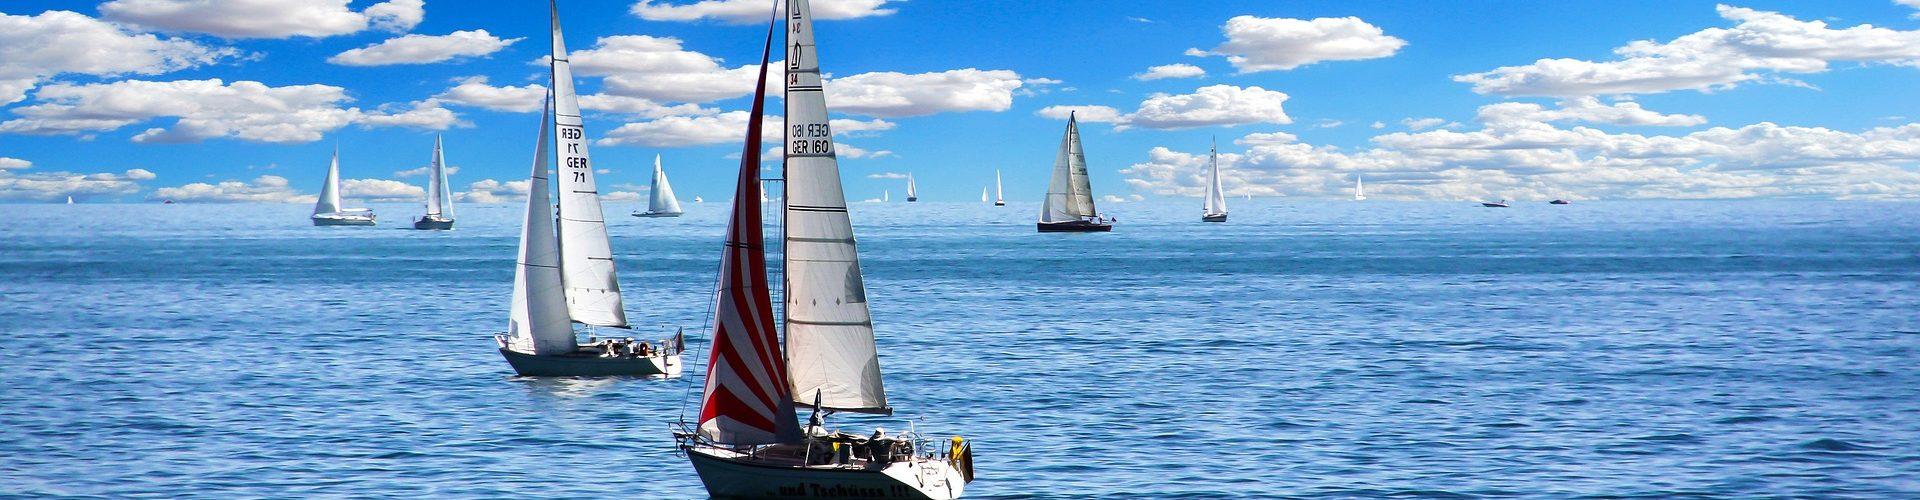 segeln lernen in Bad Waldsee segelschein machen in Bad Waldsee 1920x500 - Segeln lernen in Bad Waldsee